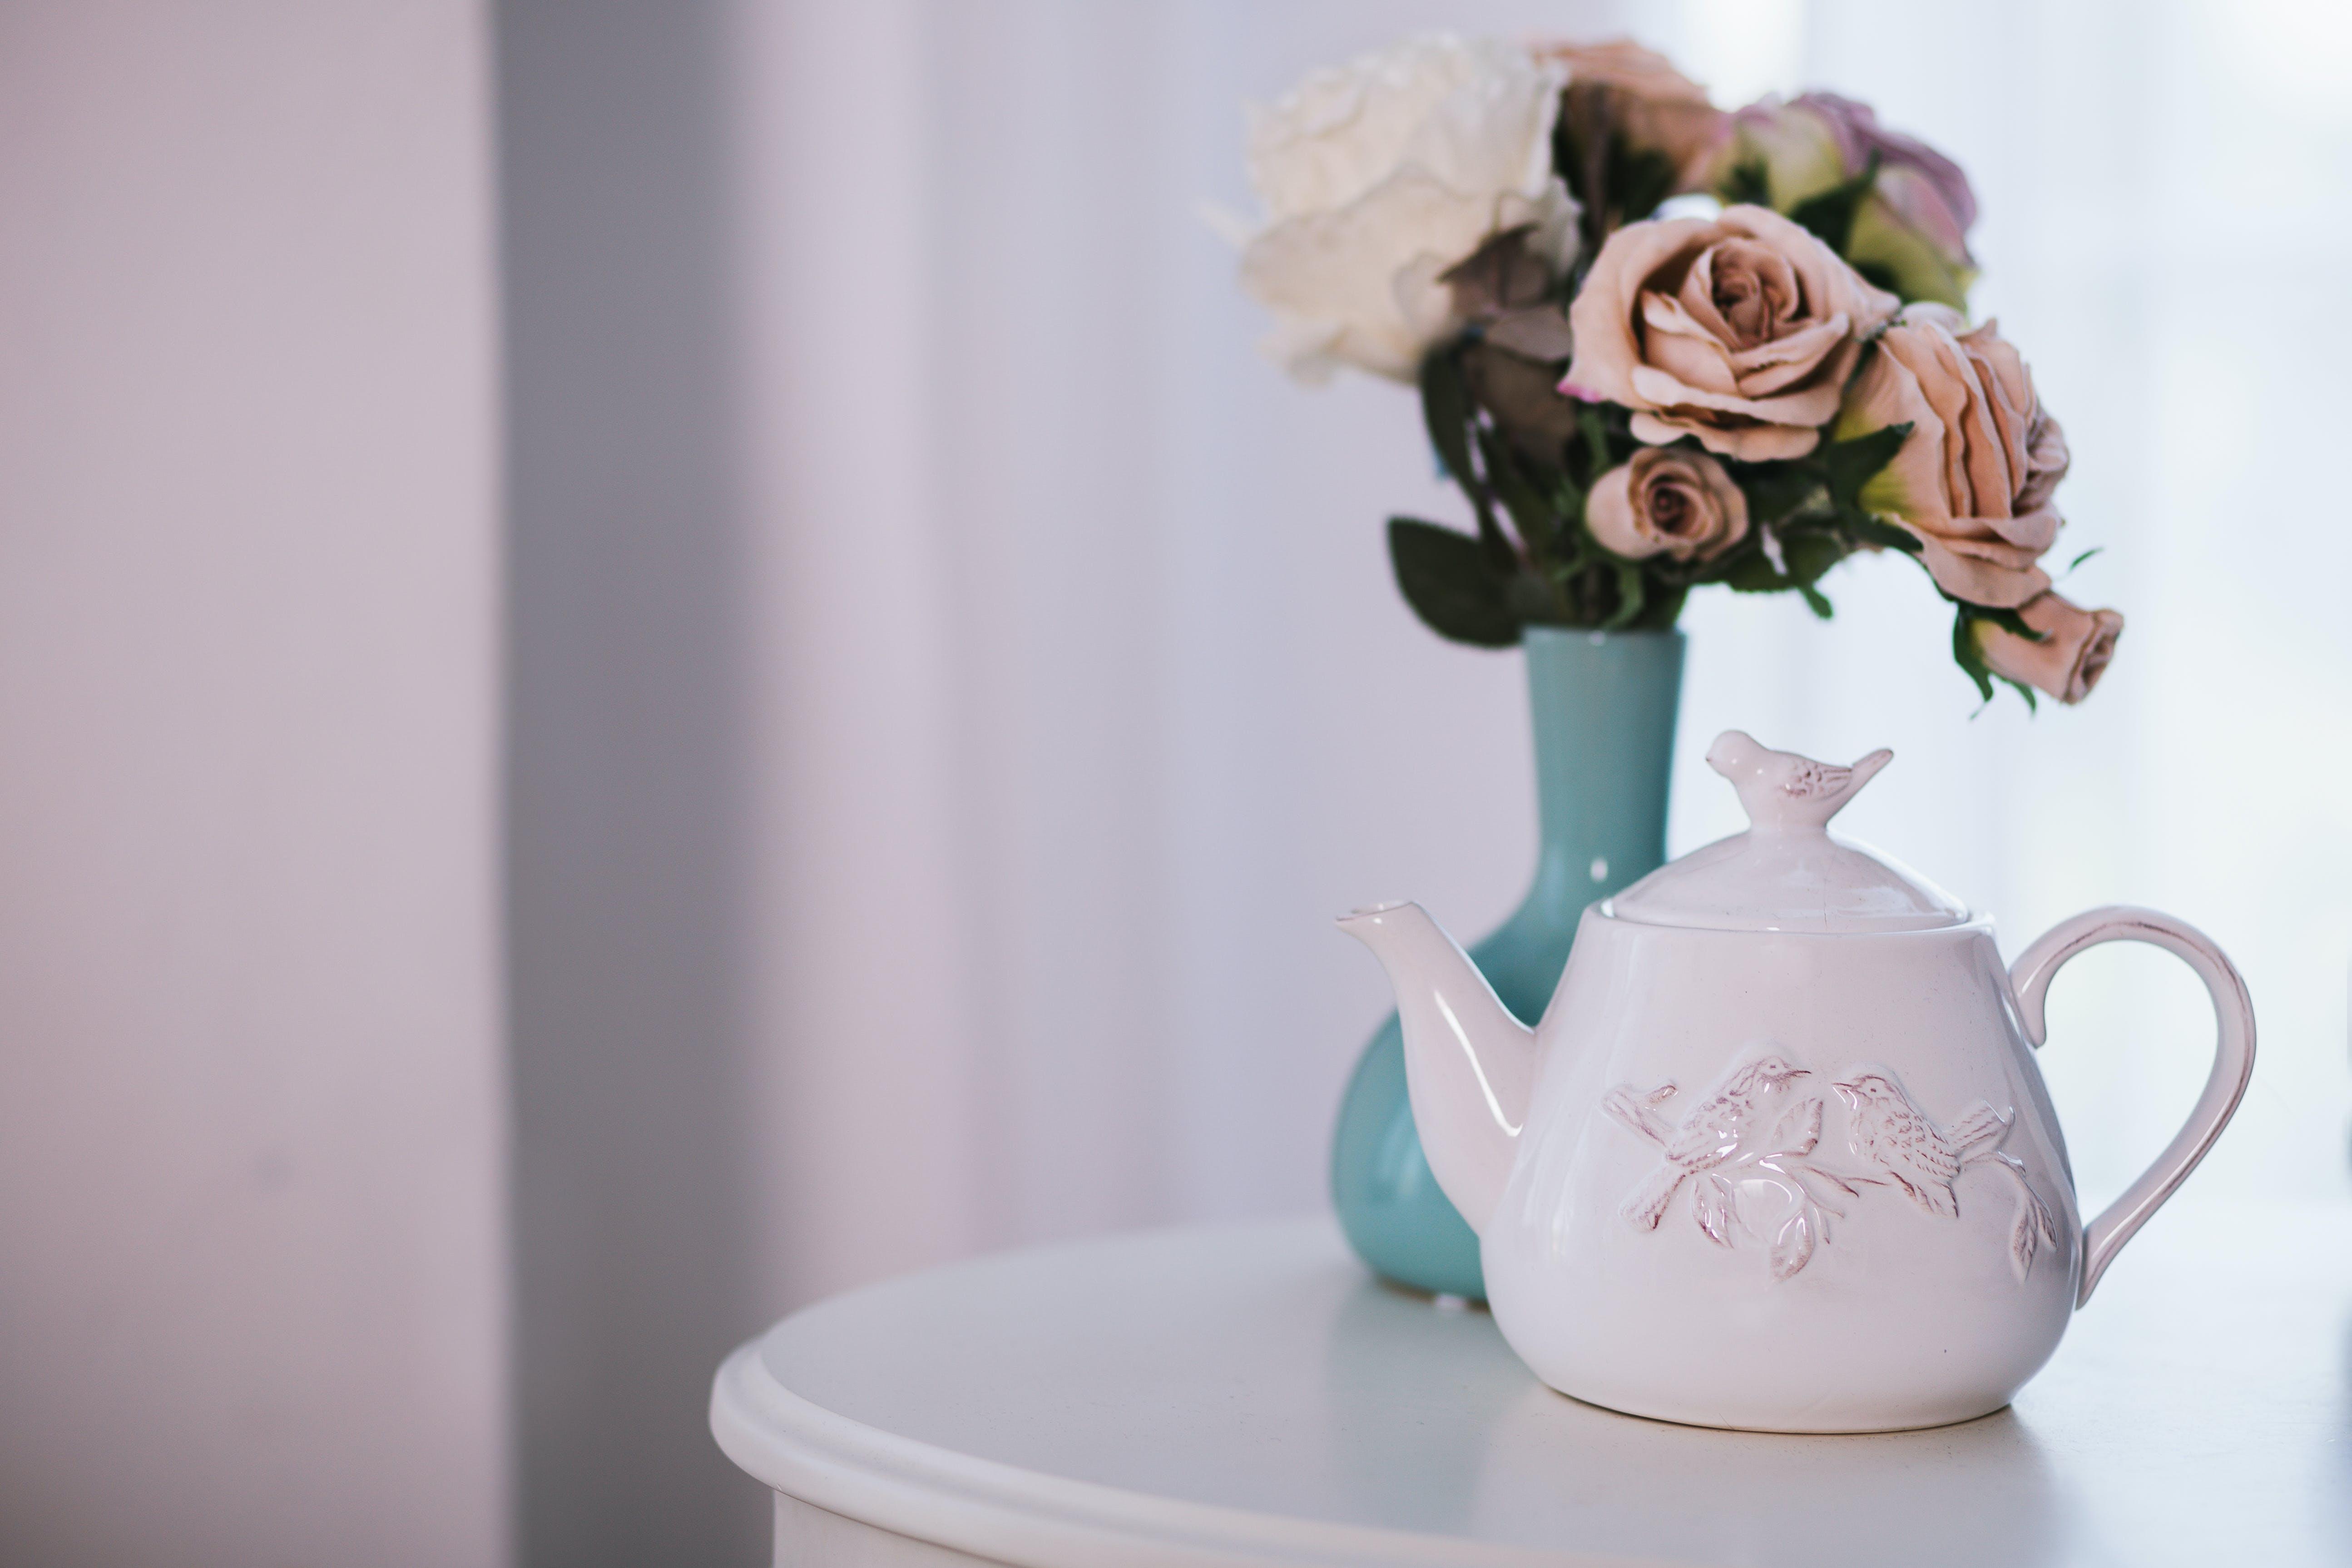 White Ceramic Teapot Near Flower Arrangement on White Surface